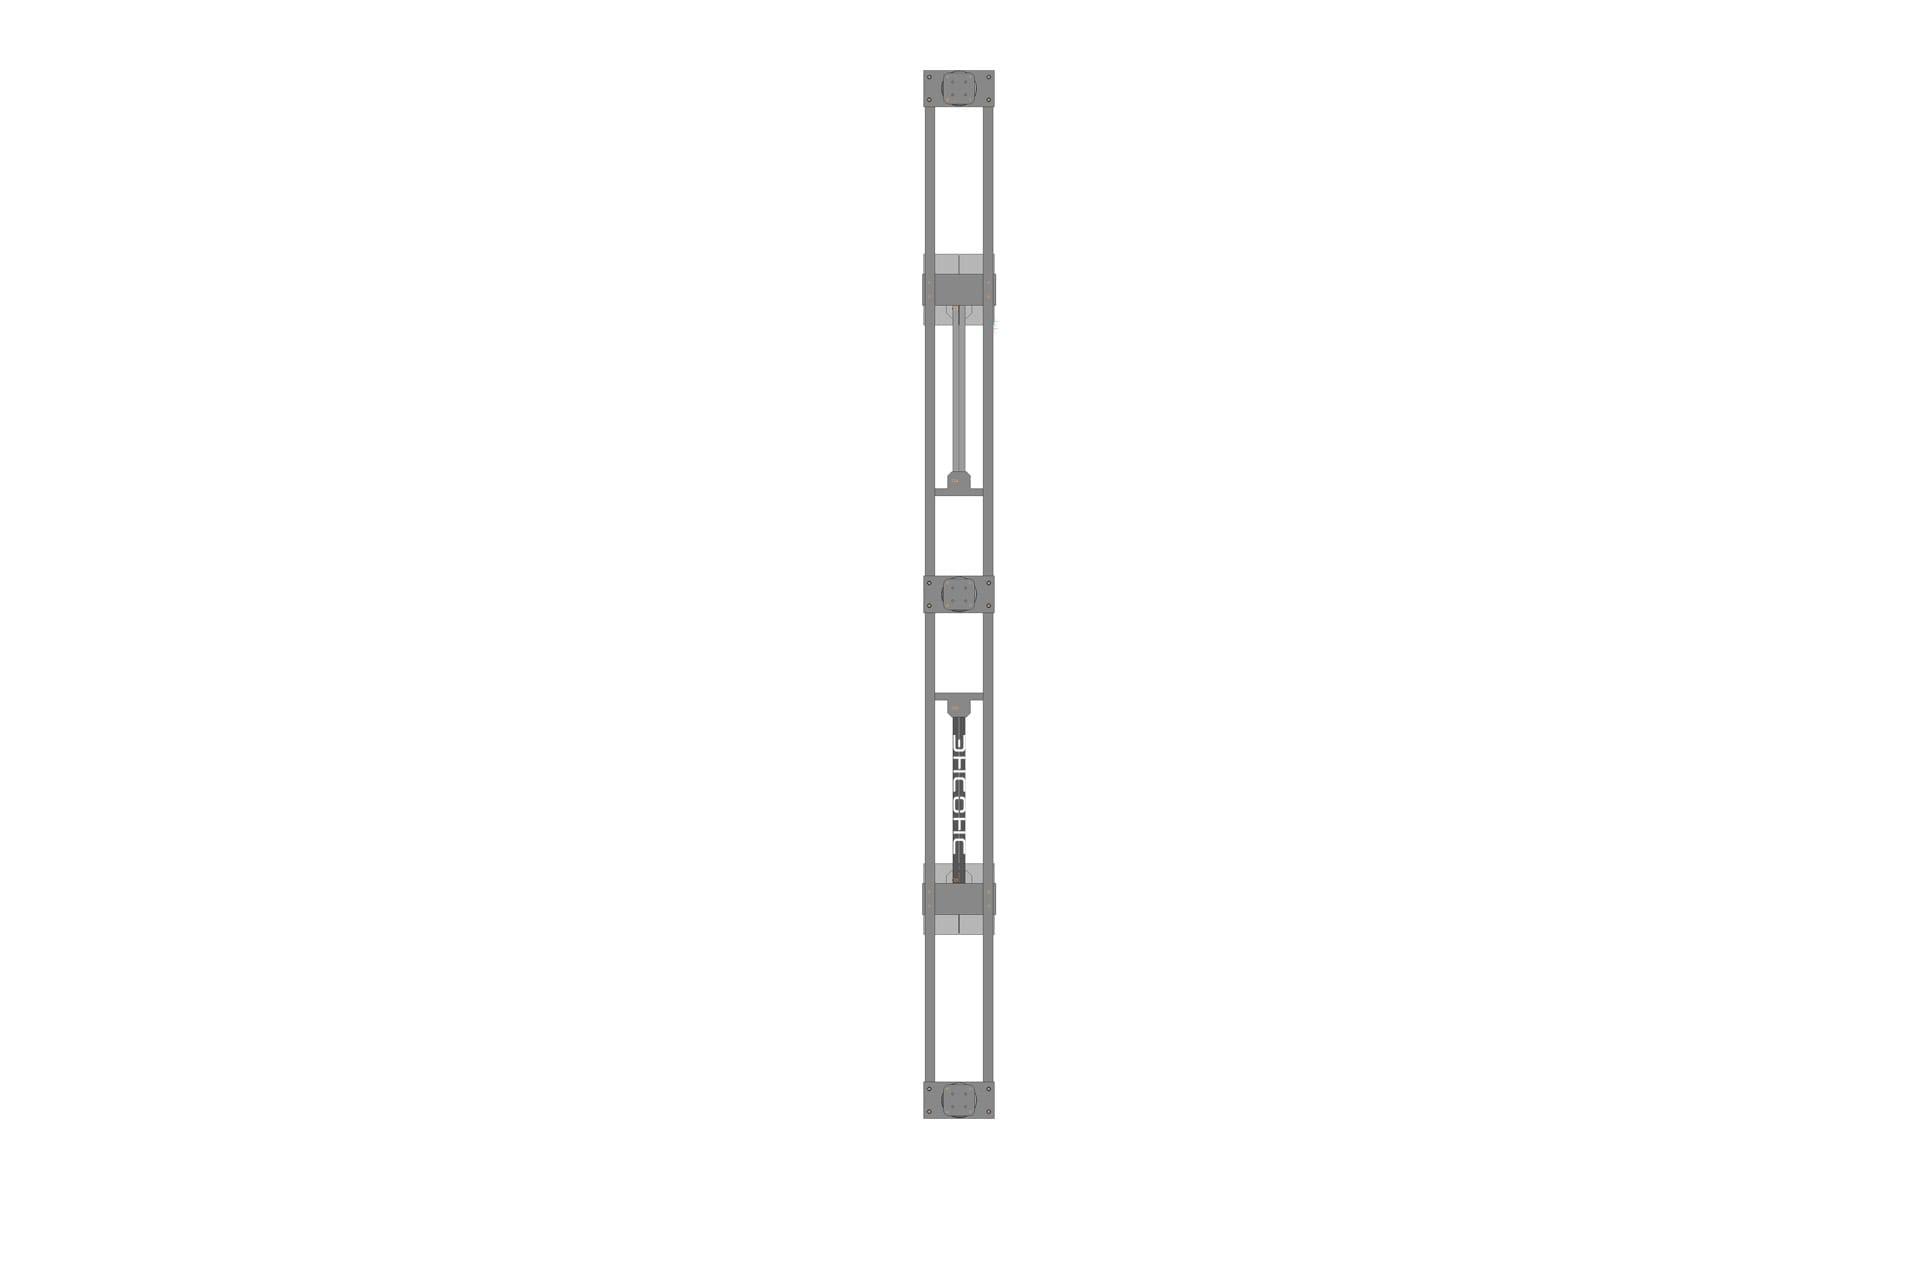 Ensons - Блок опорных изоляторов 220 кВ